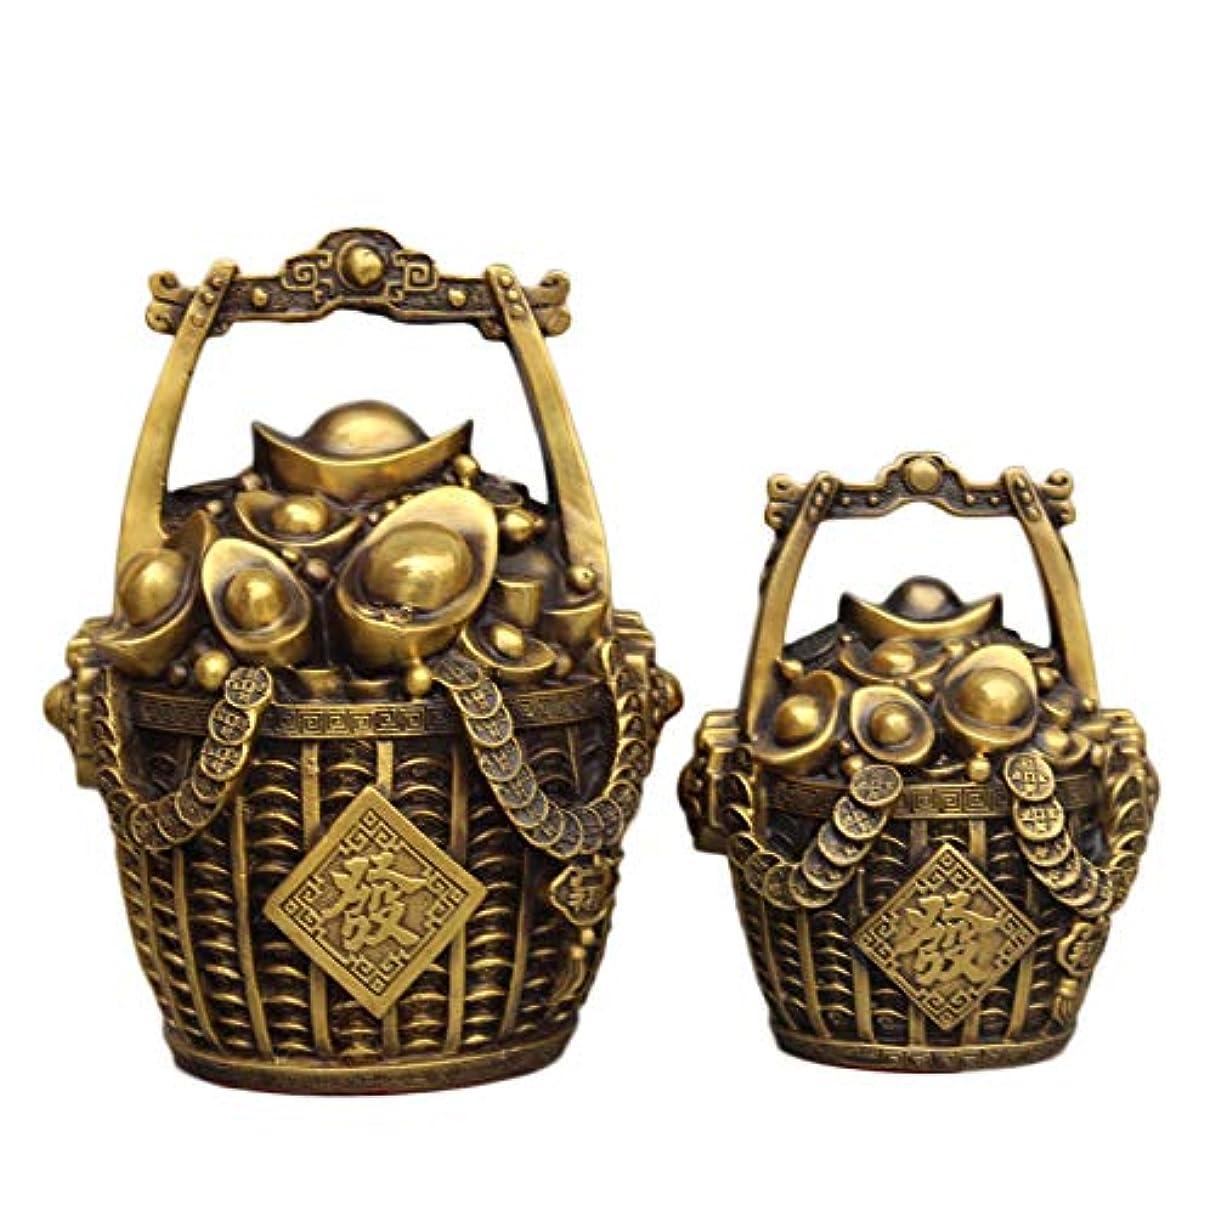 不幸警告する巨人老君炉 金の装飾品の純粋な銅製のバケツお金インゴット貯金箱おめでとうございます富の家の装飾工芸品装飾ブロンズ